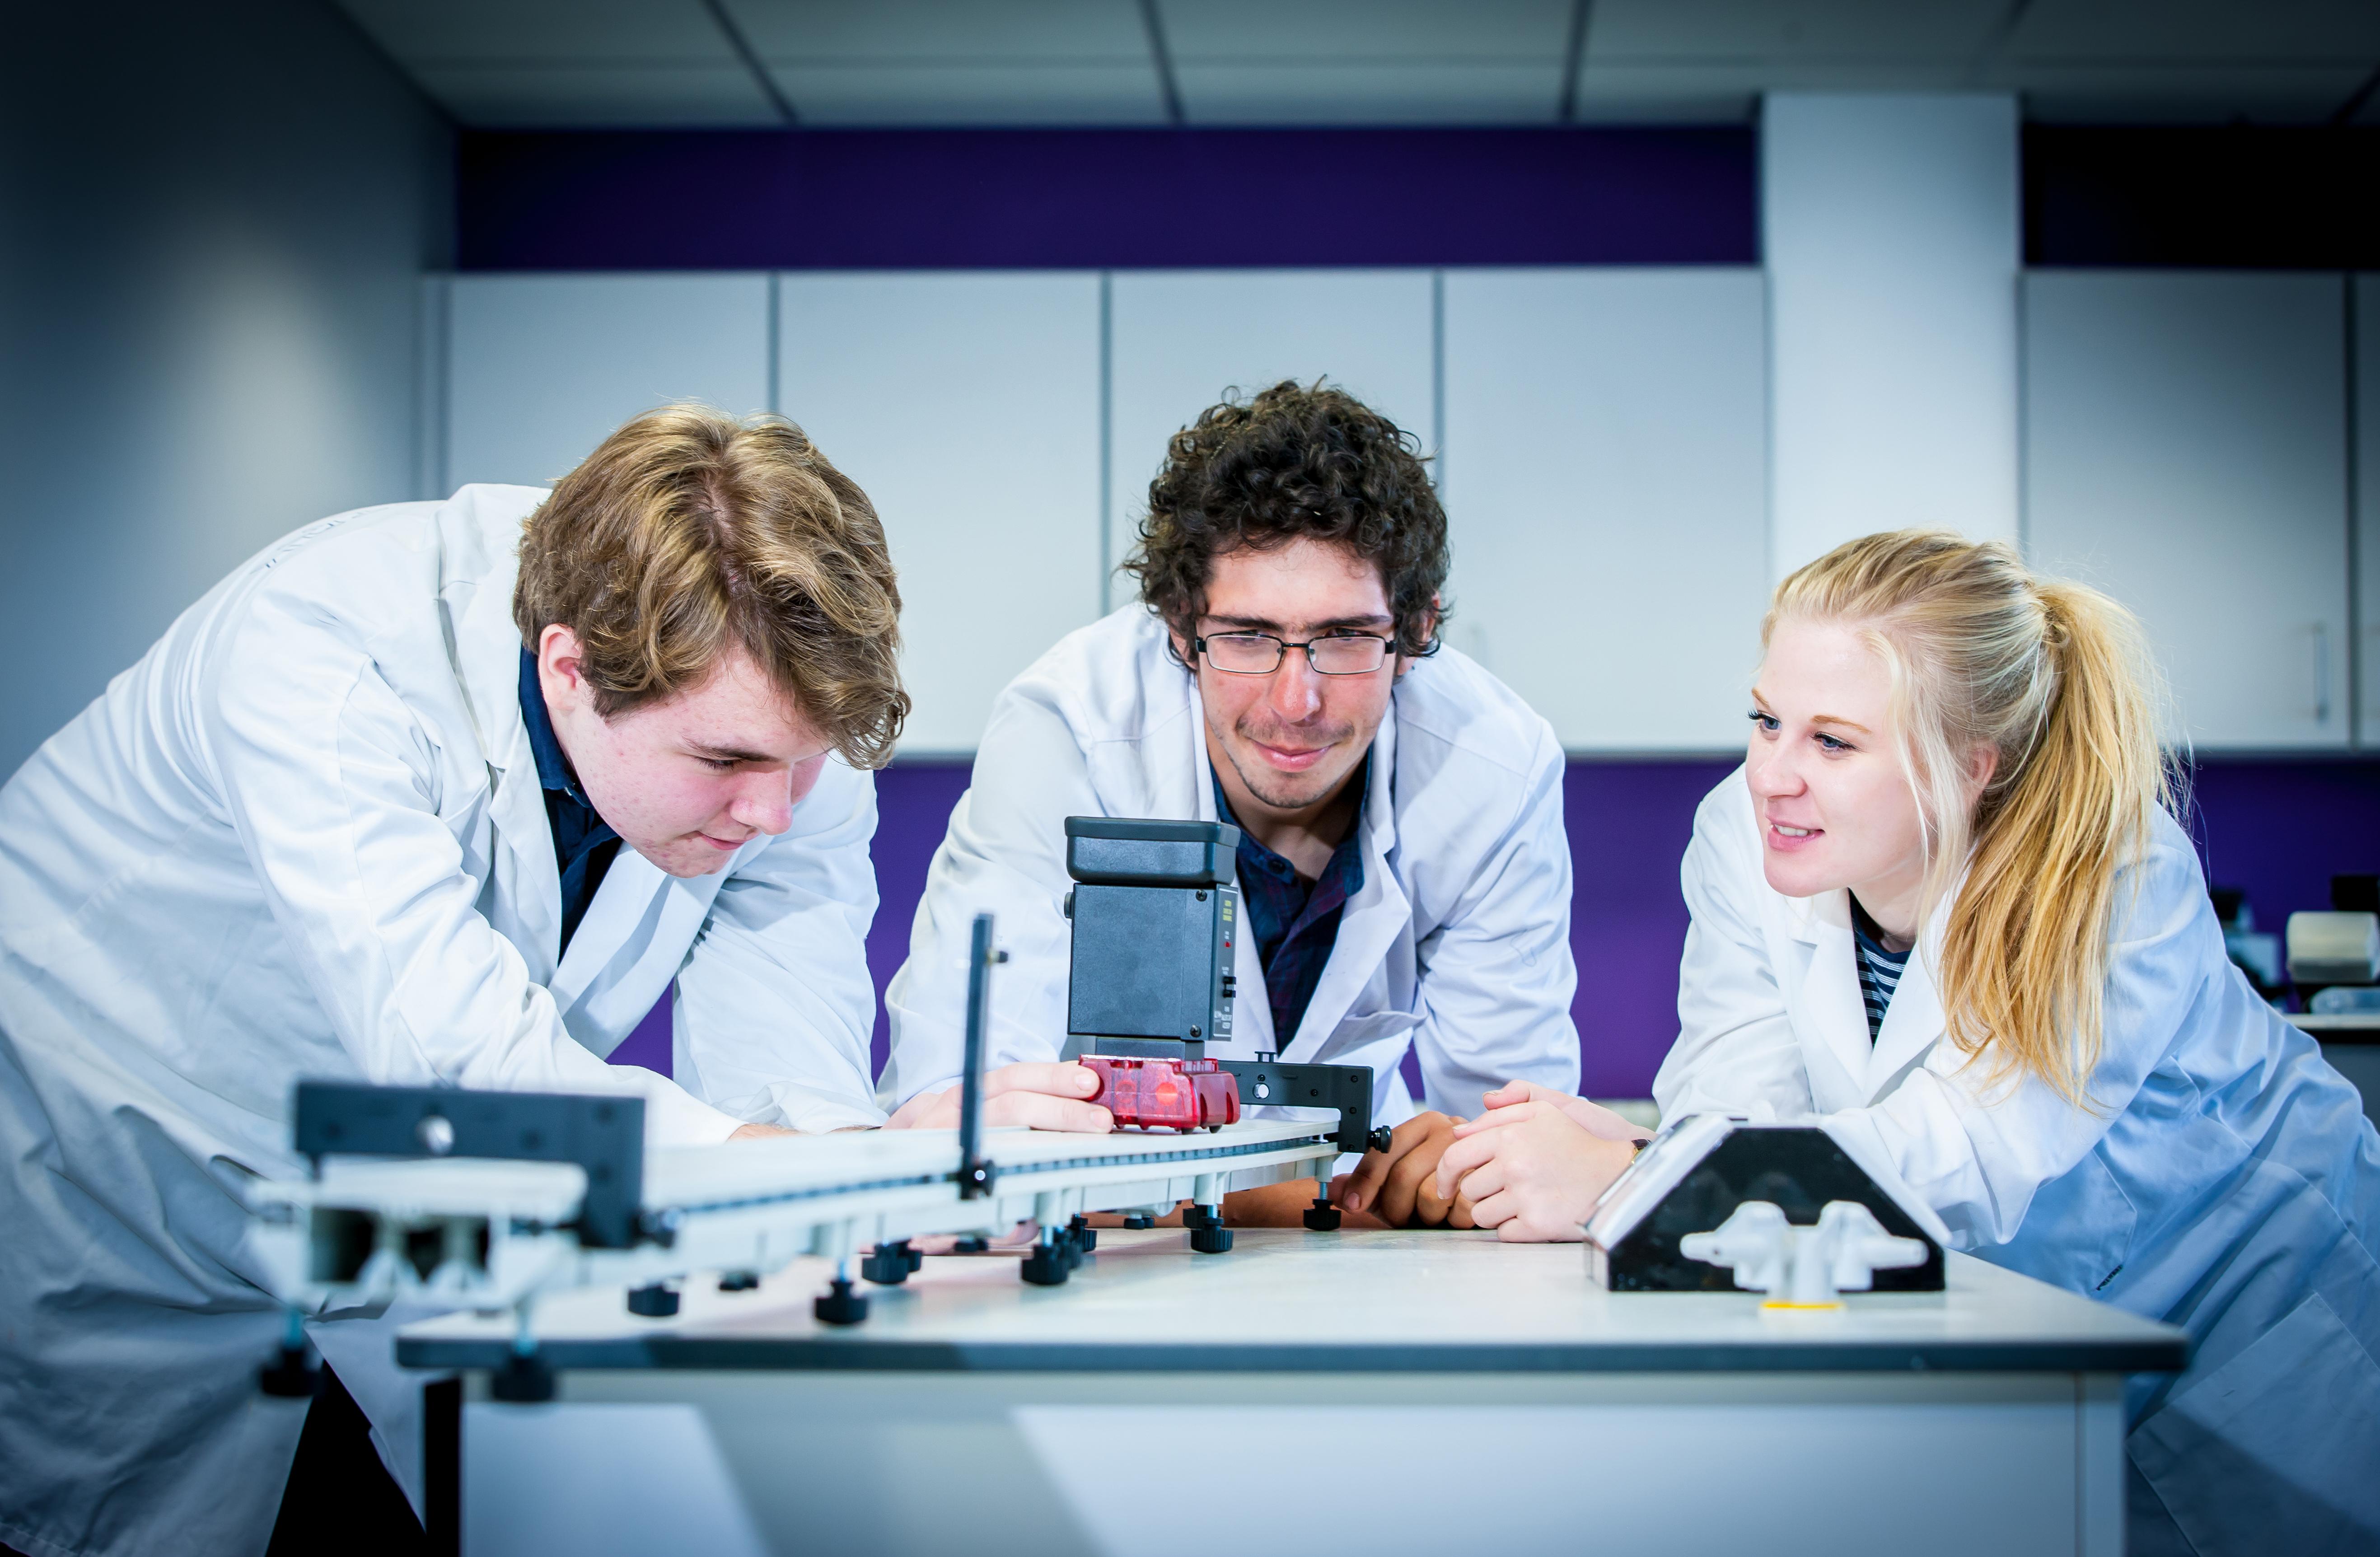 16 18 science 1 - Rok szkolny za granicą